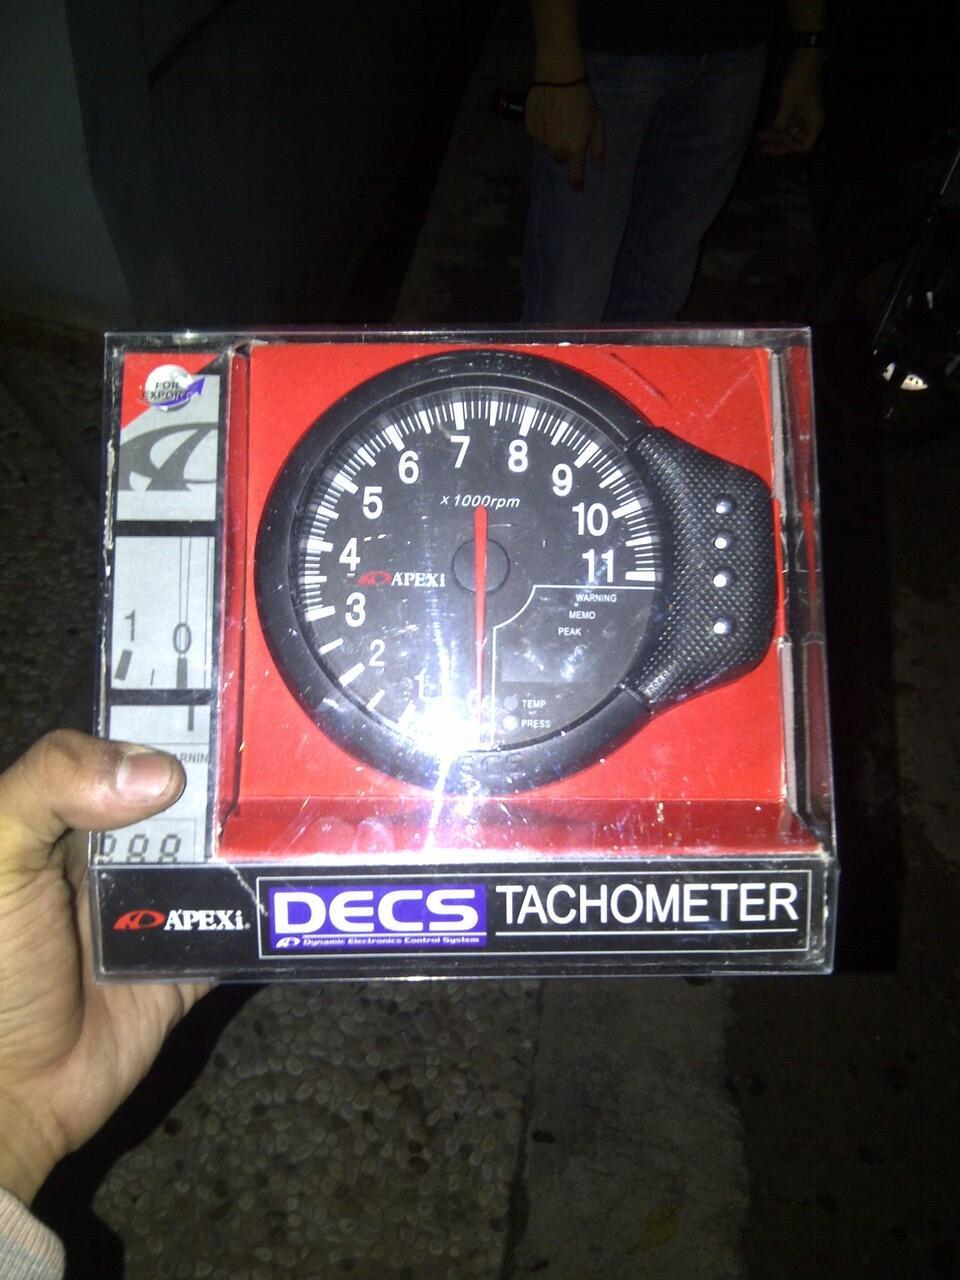 FS Apexi Decs Tachometer